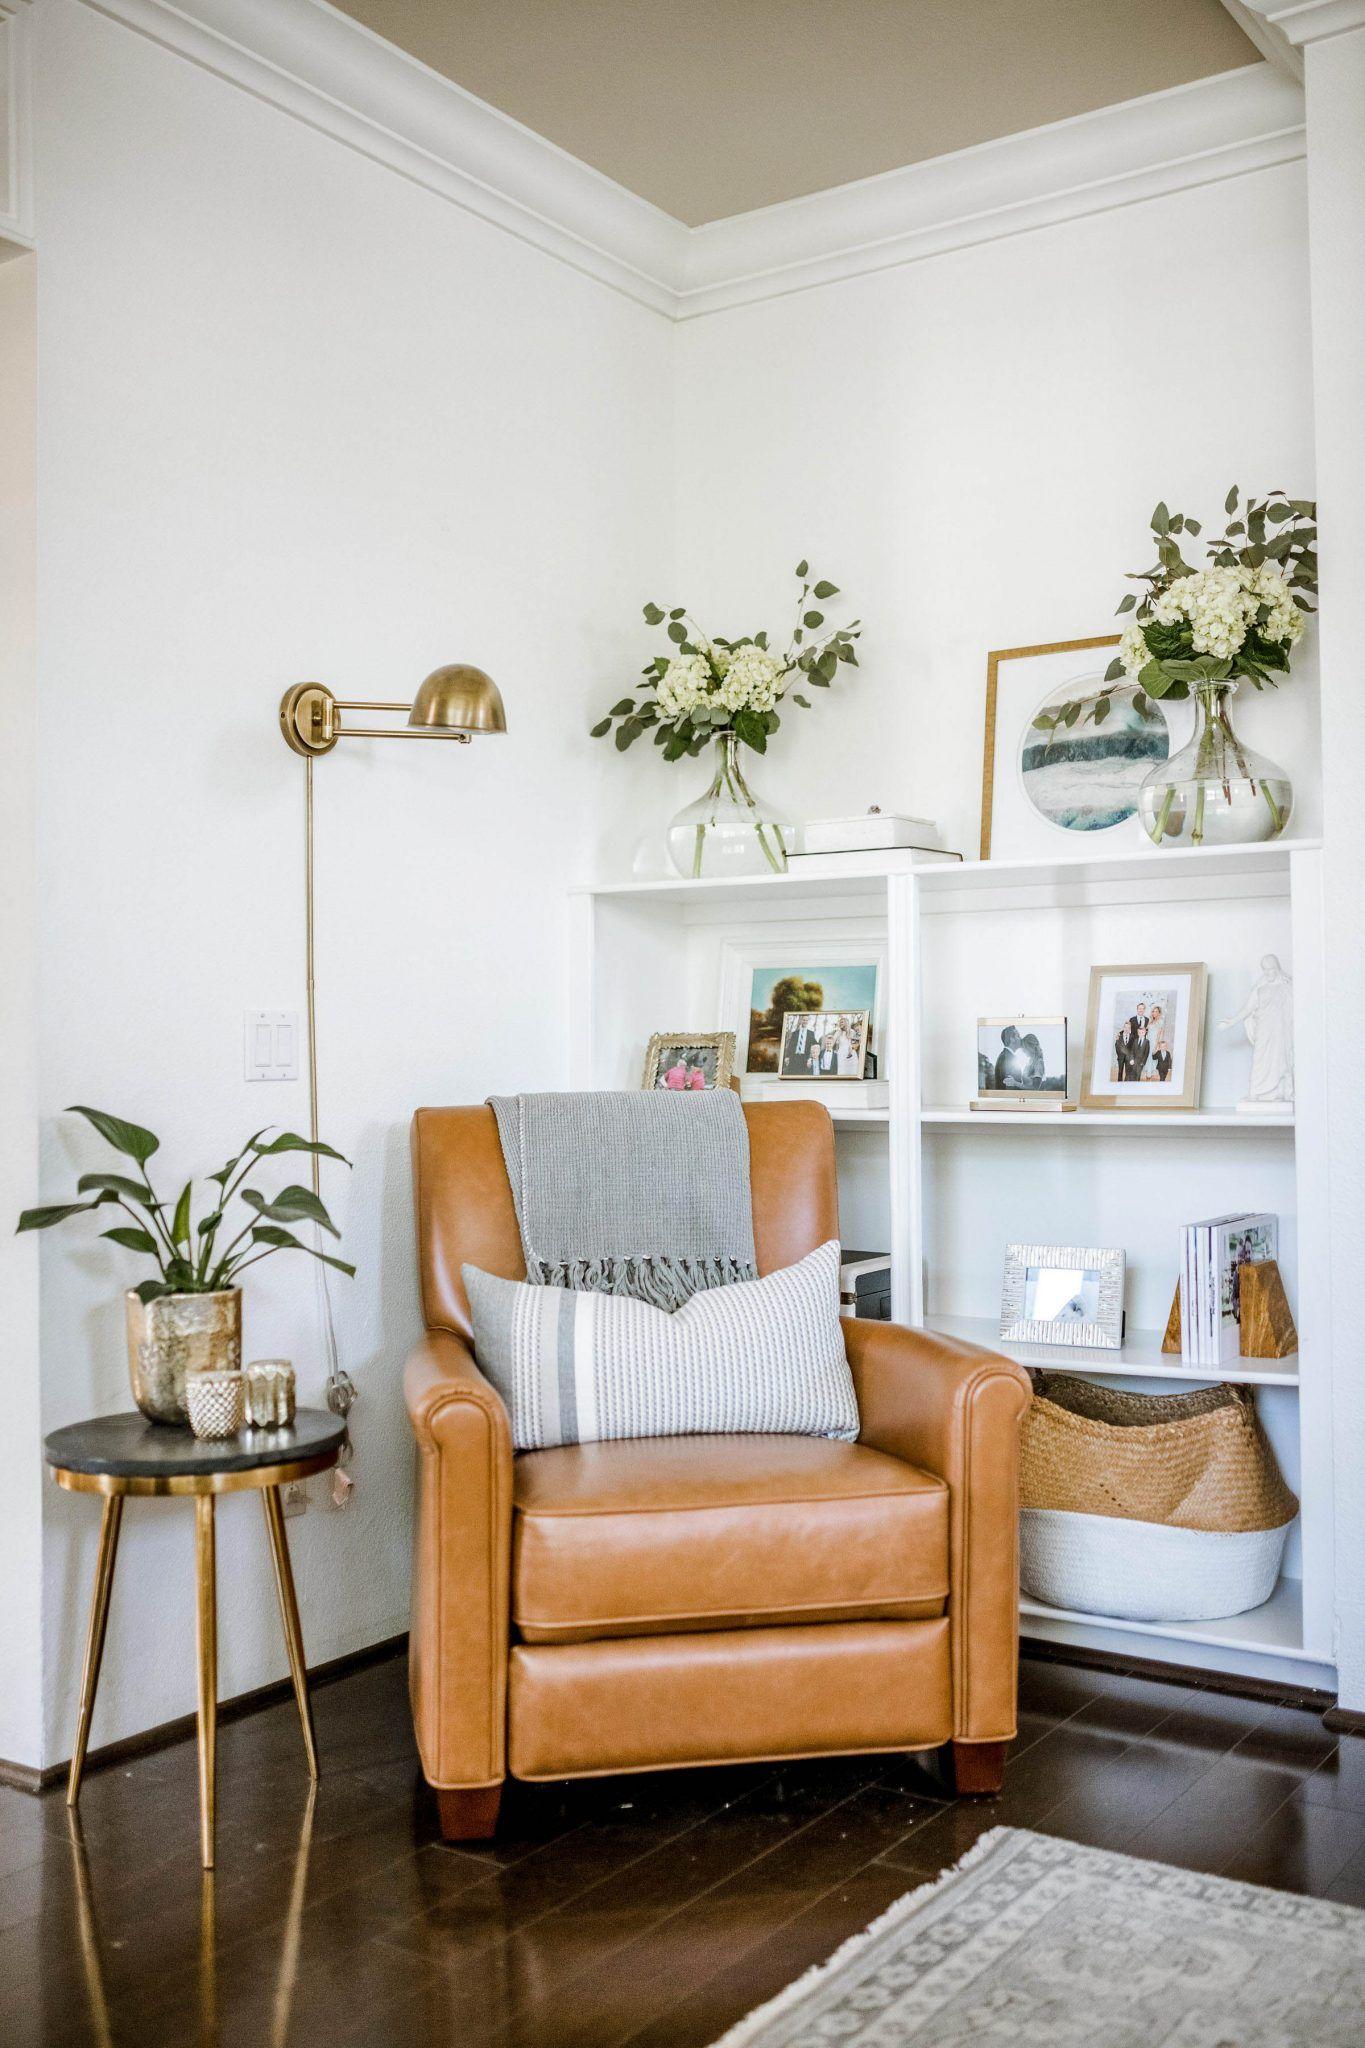 LIVING ROOM REVEAL - Elle Apparel by Leanne Barlow